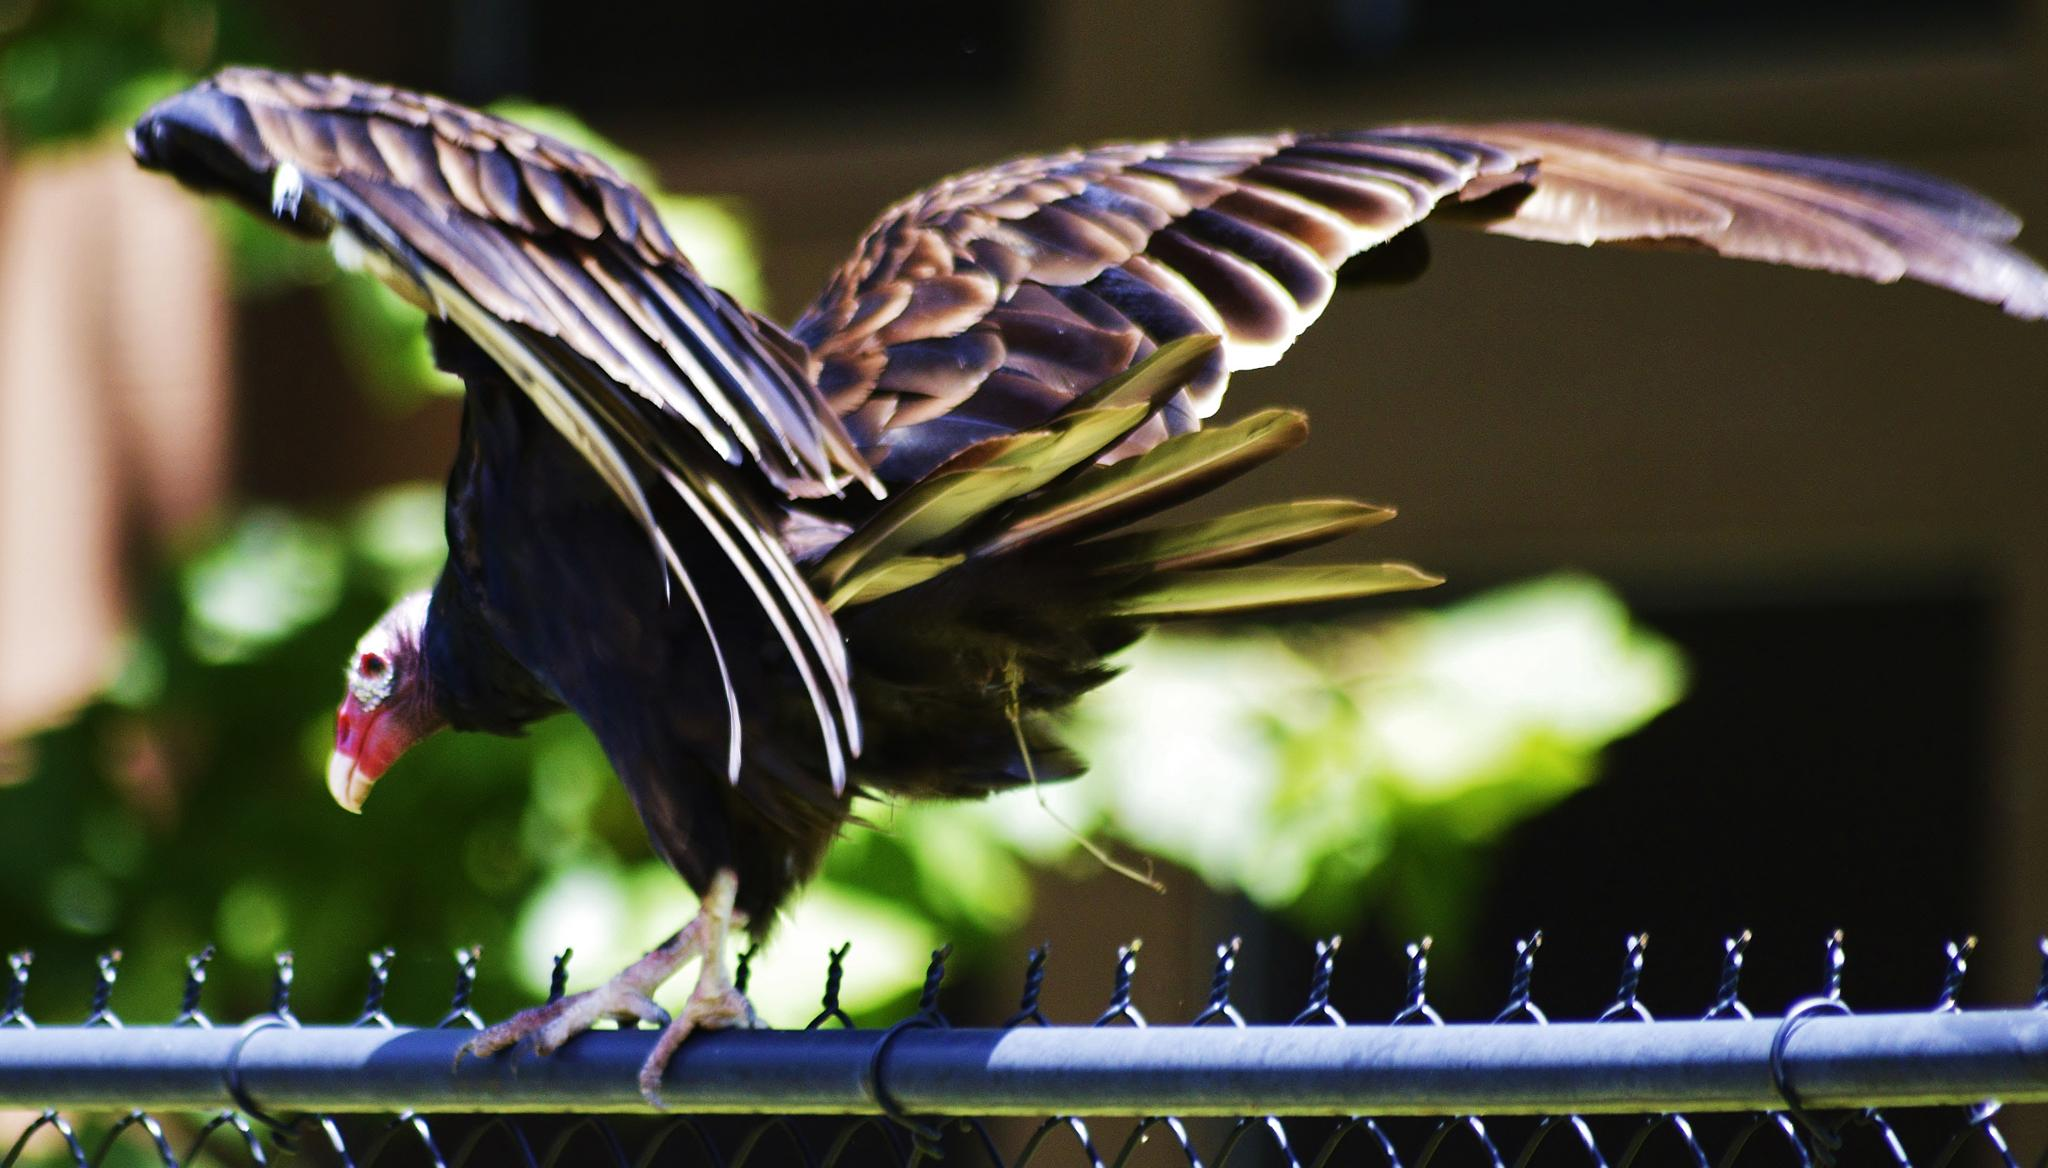 Turkey Vulture by jamie.dorton